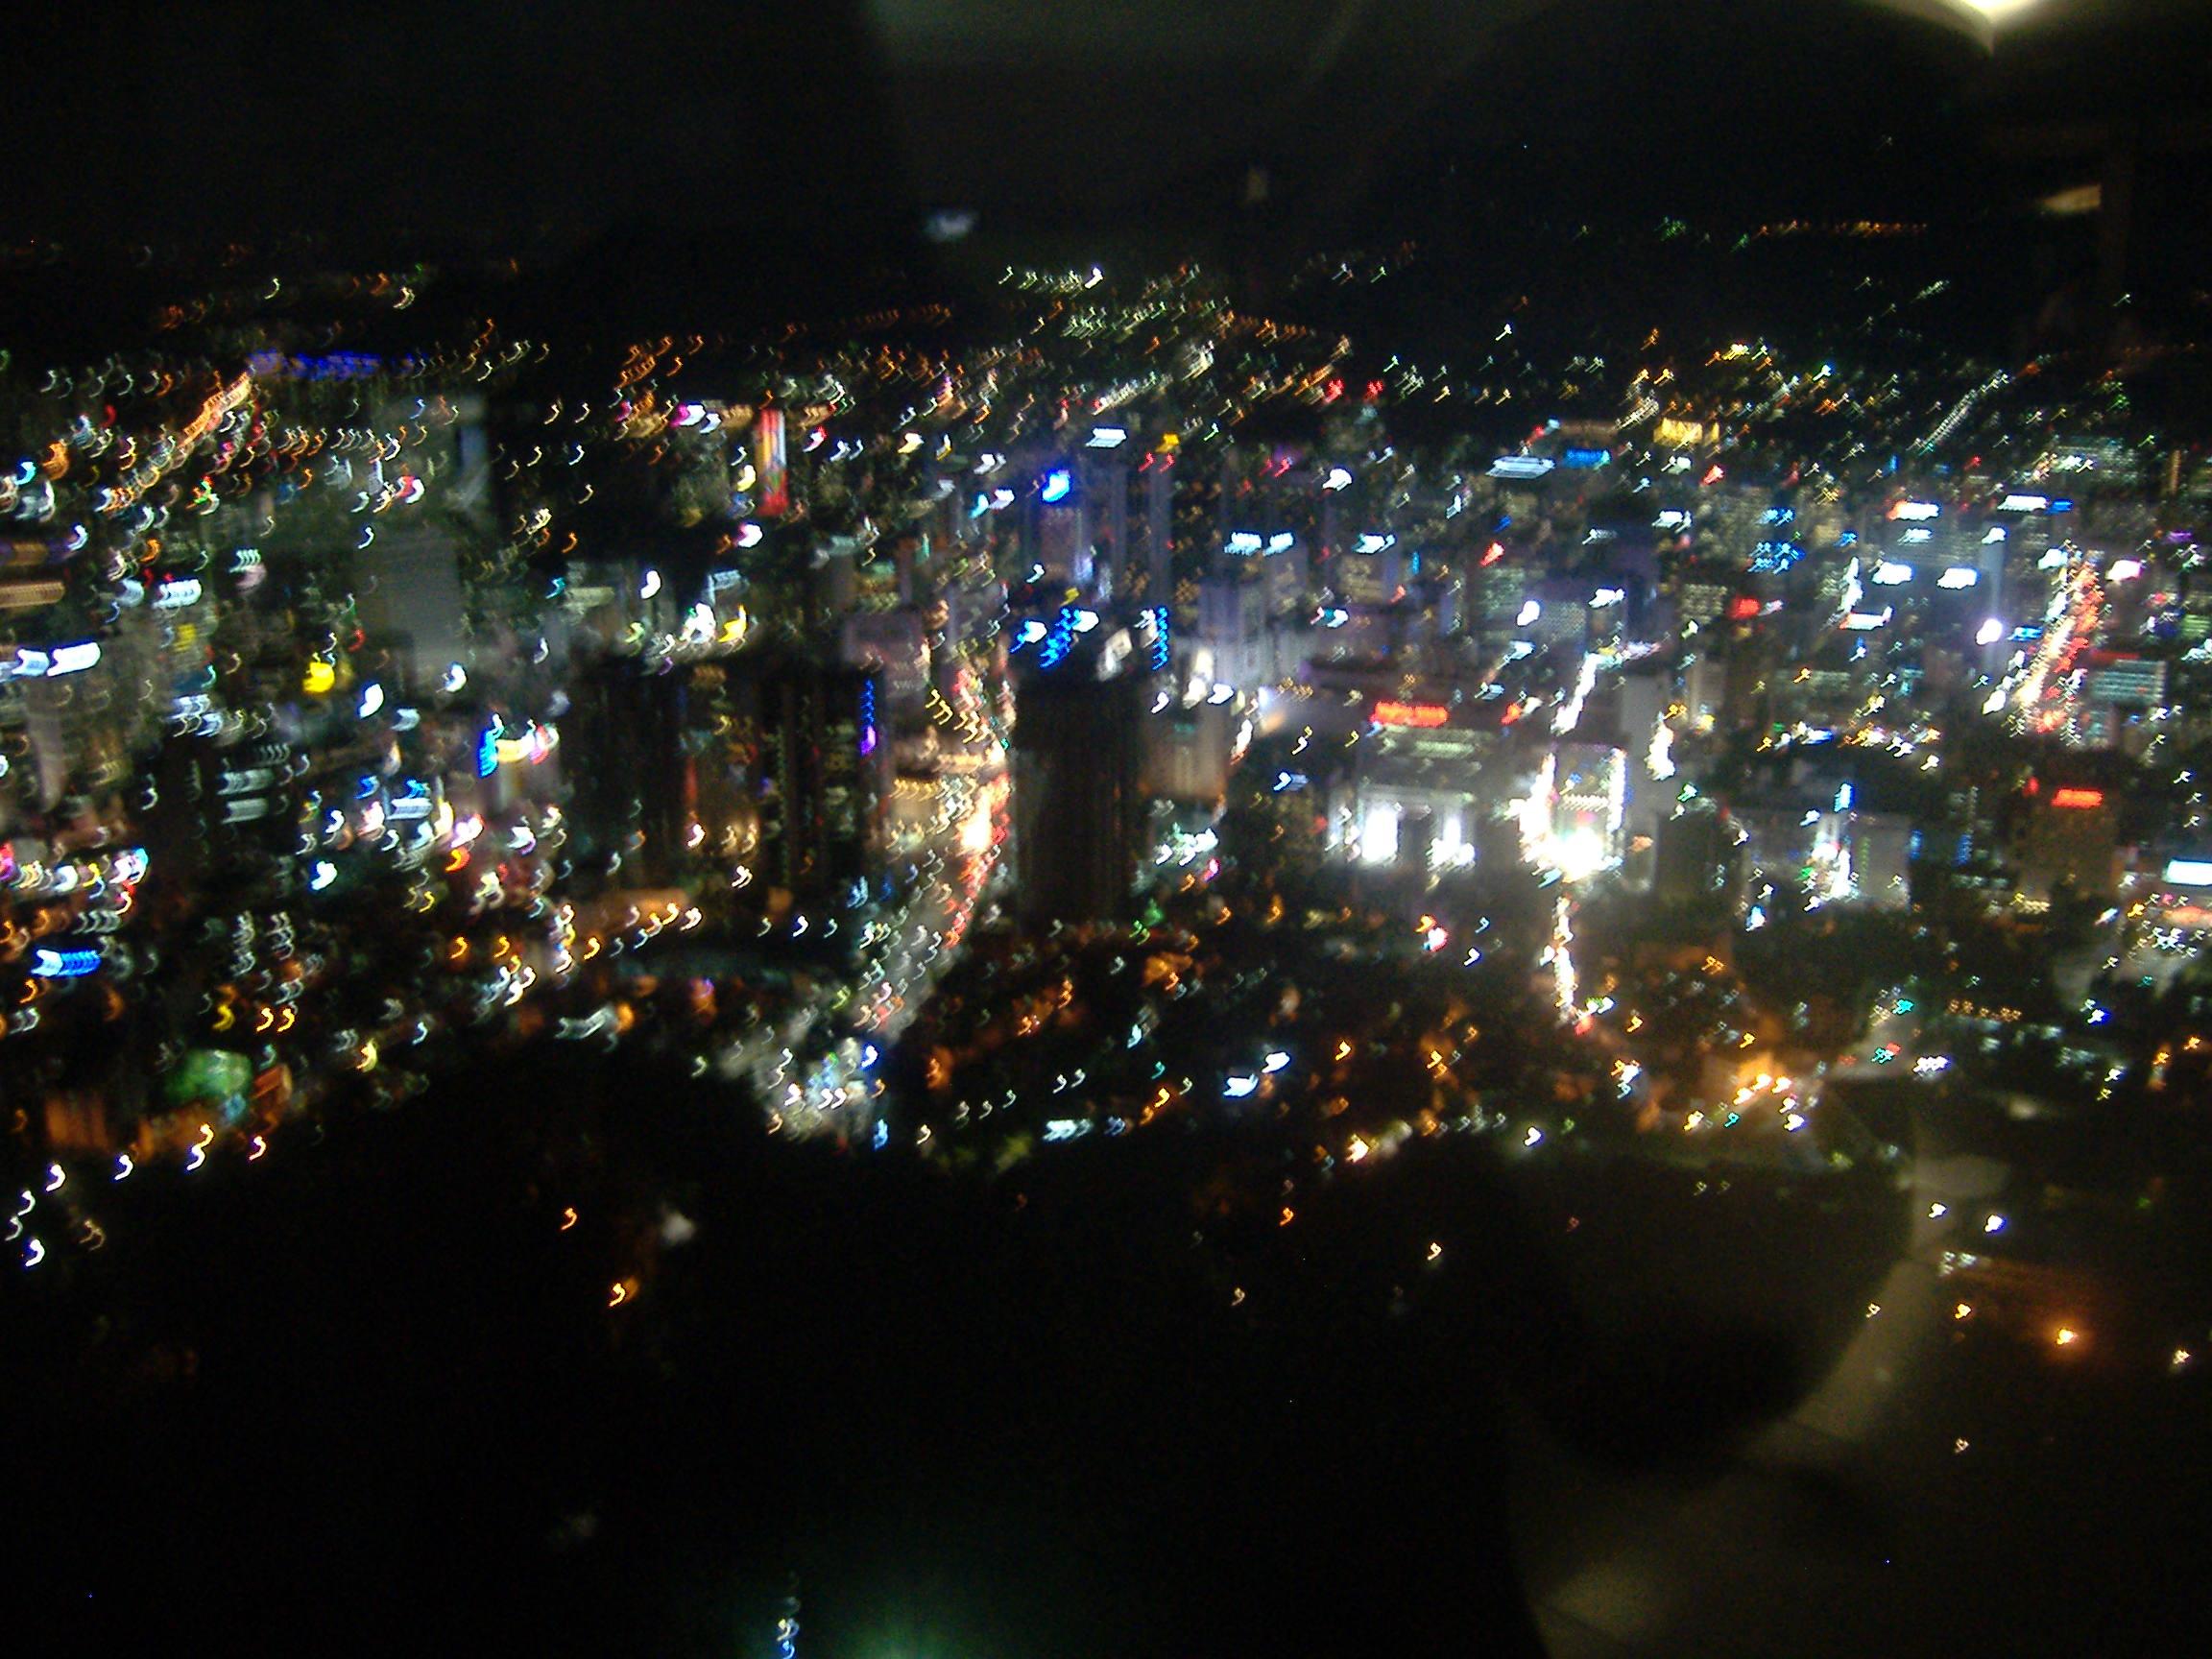 ソウル夜景(ソウルタワーから見下ろす)